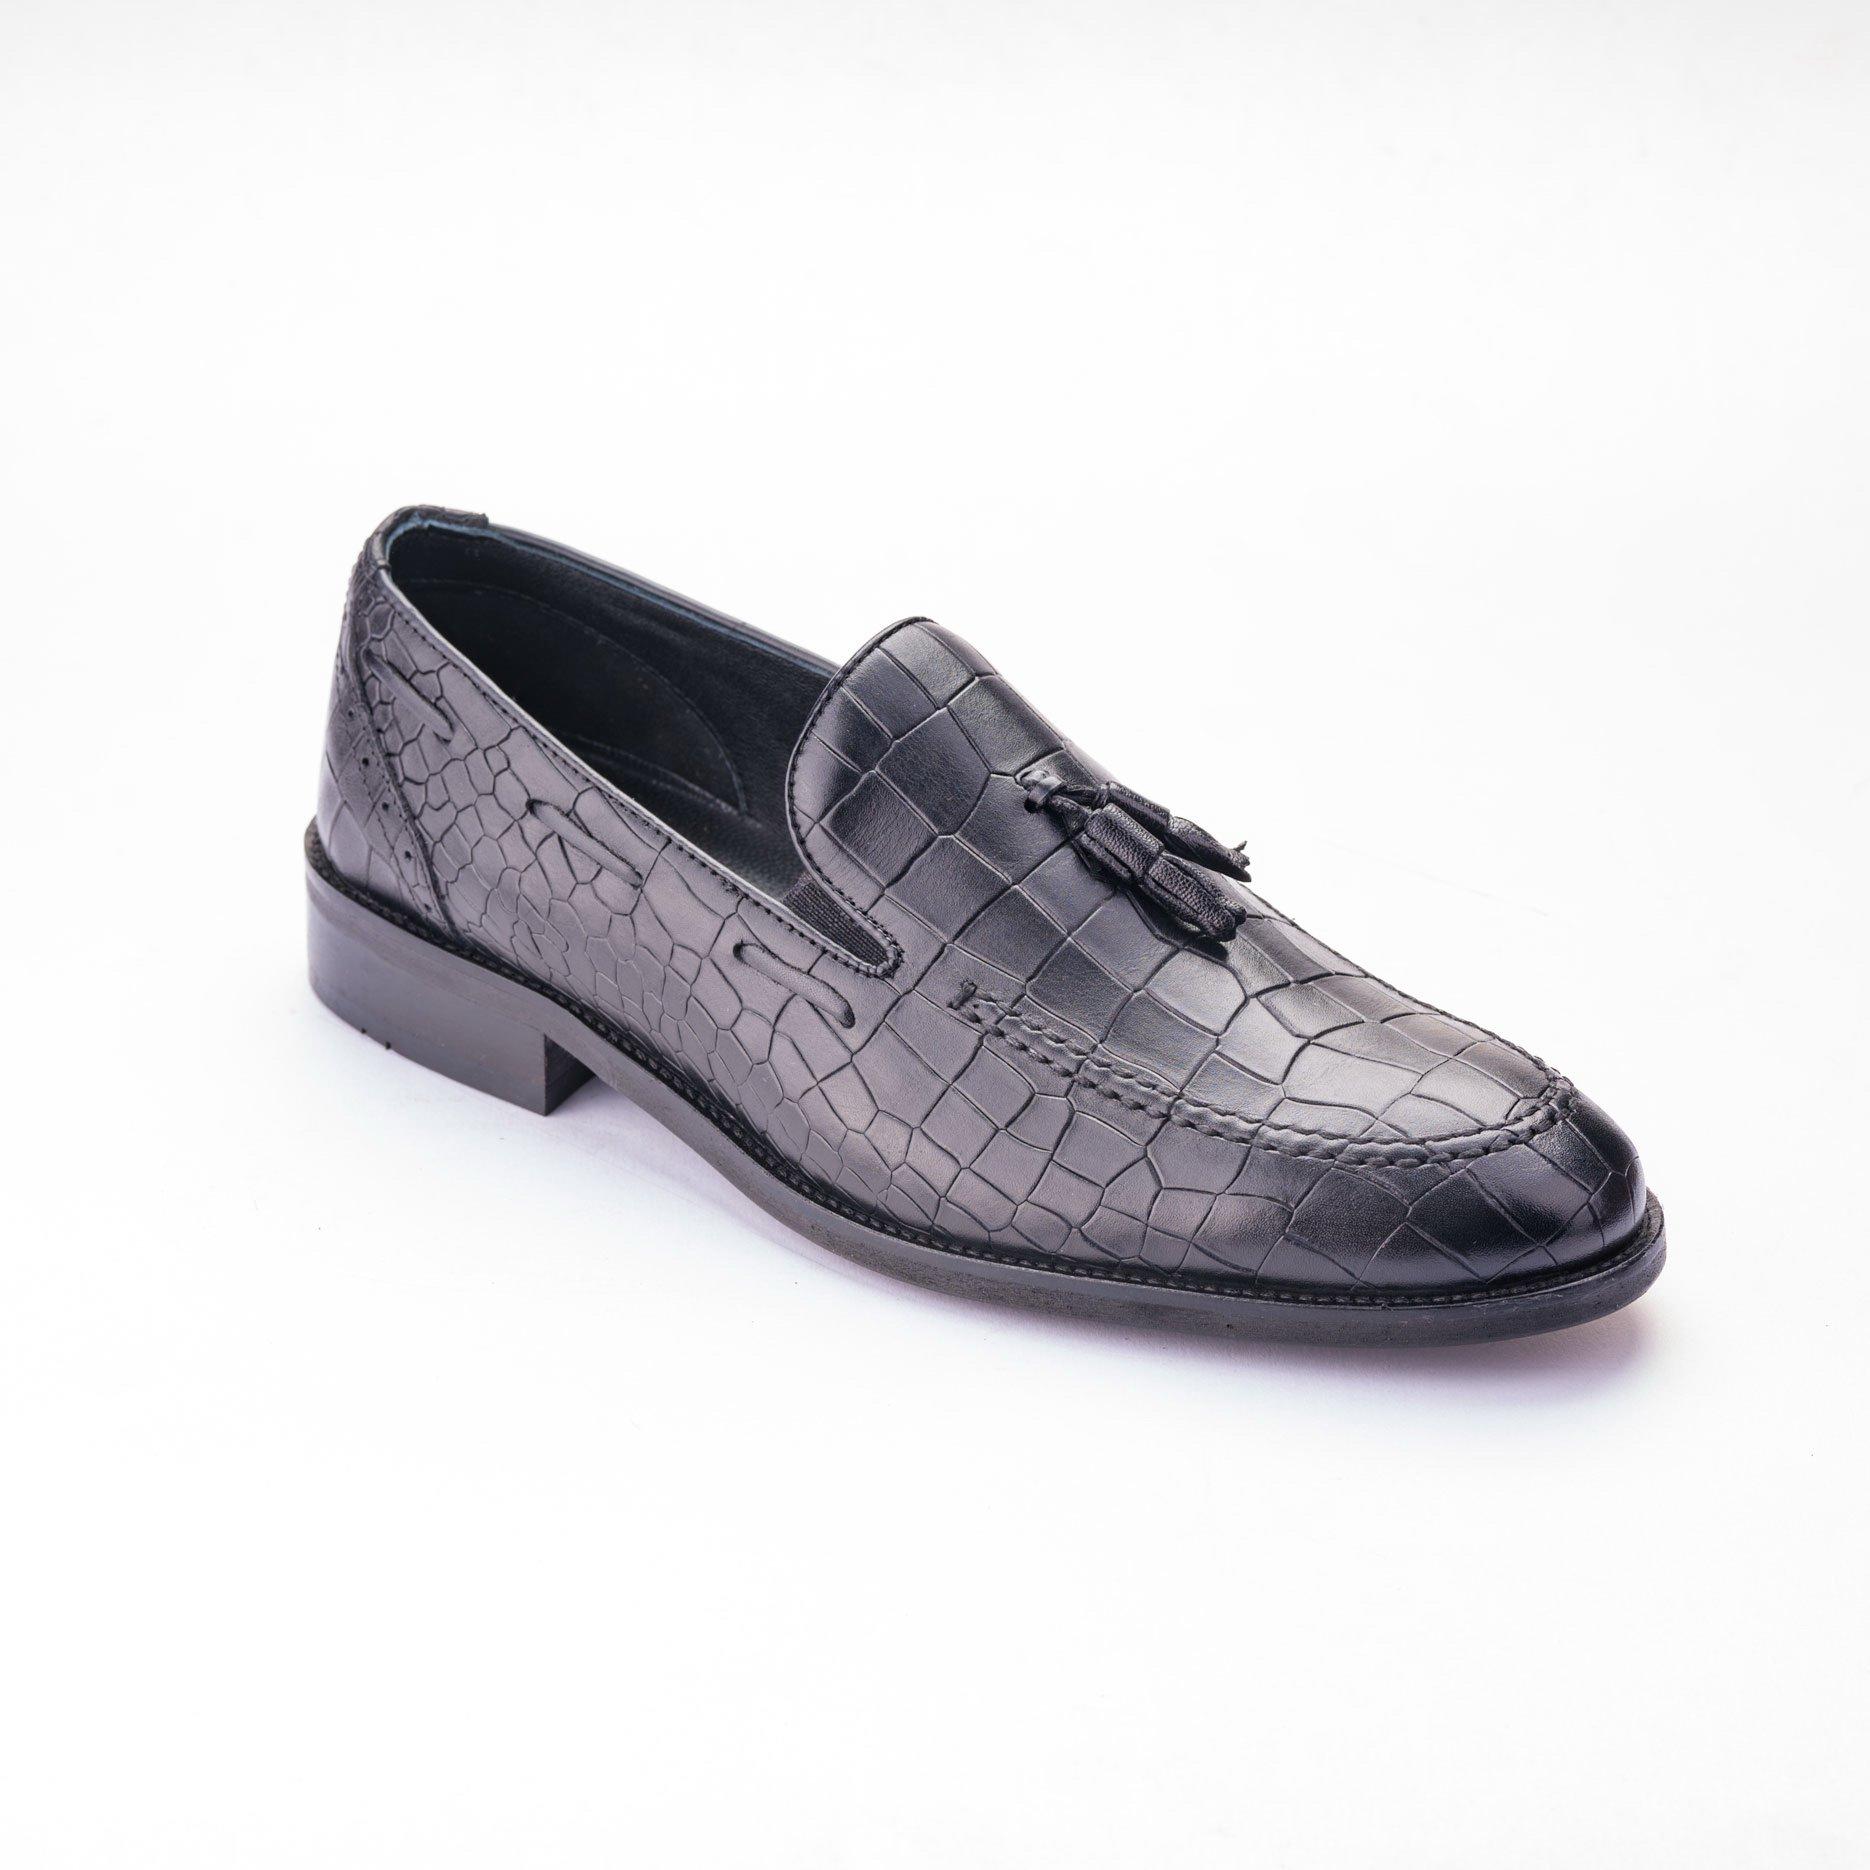 مردانه کفش جگوارمونت منگوله دار زیره میکرولایت